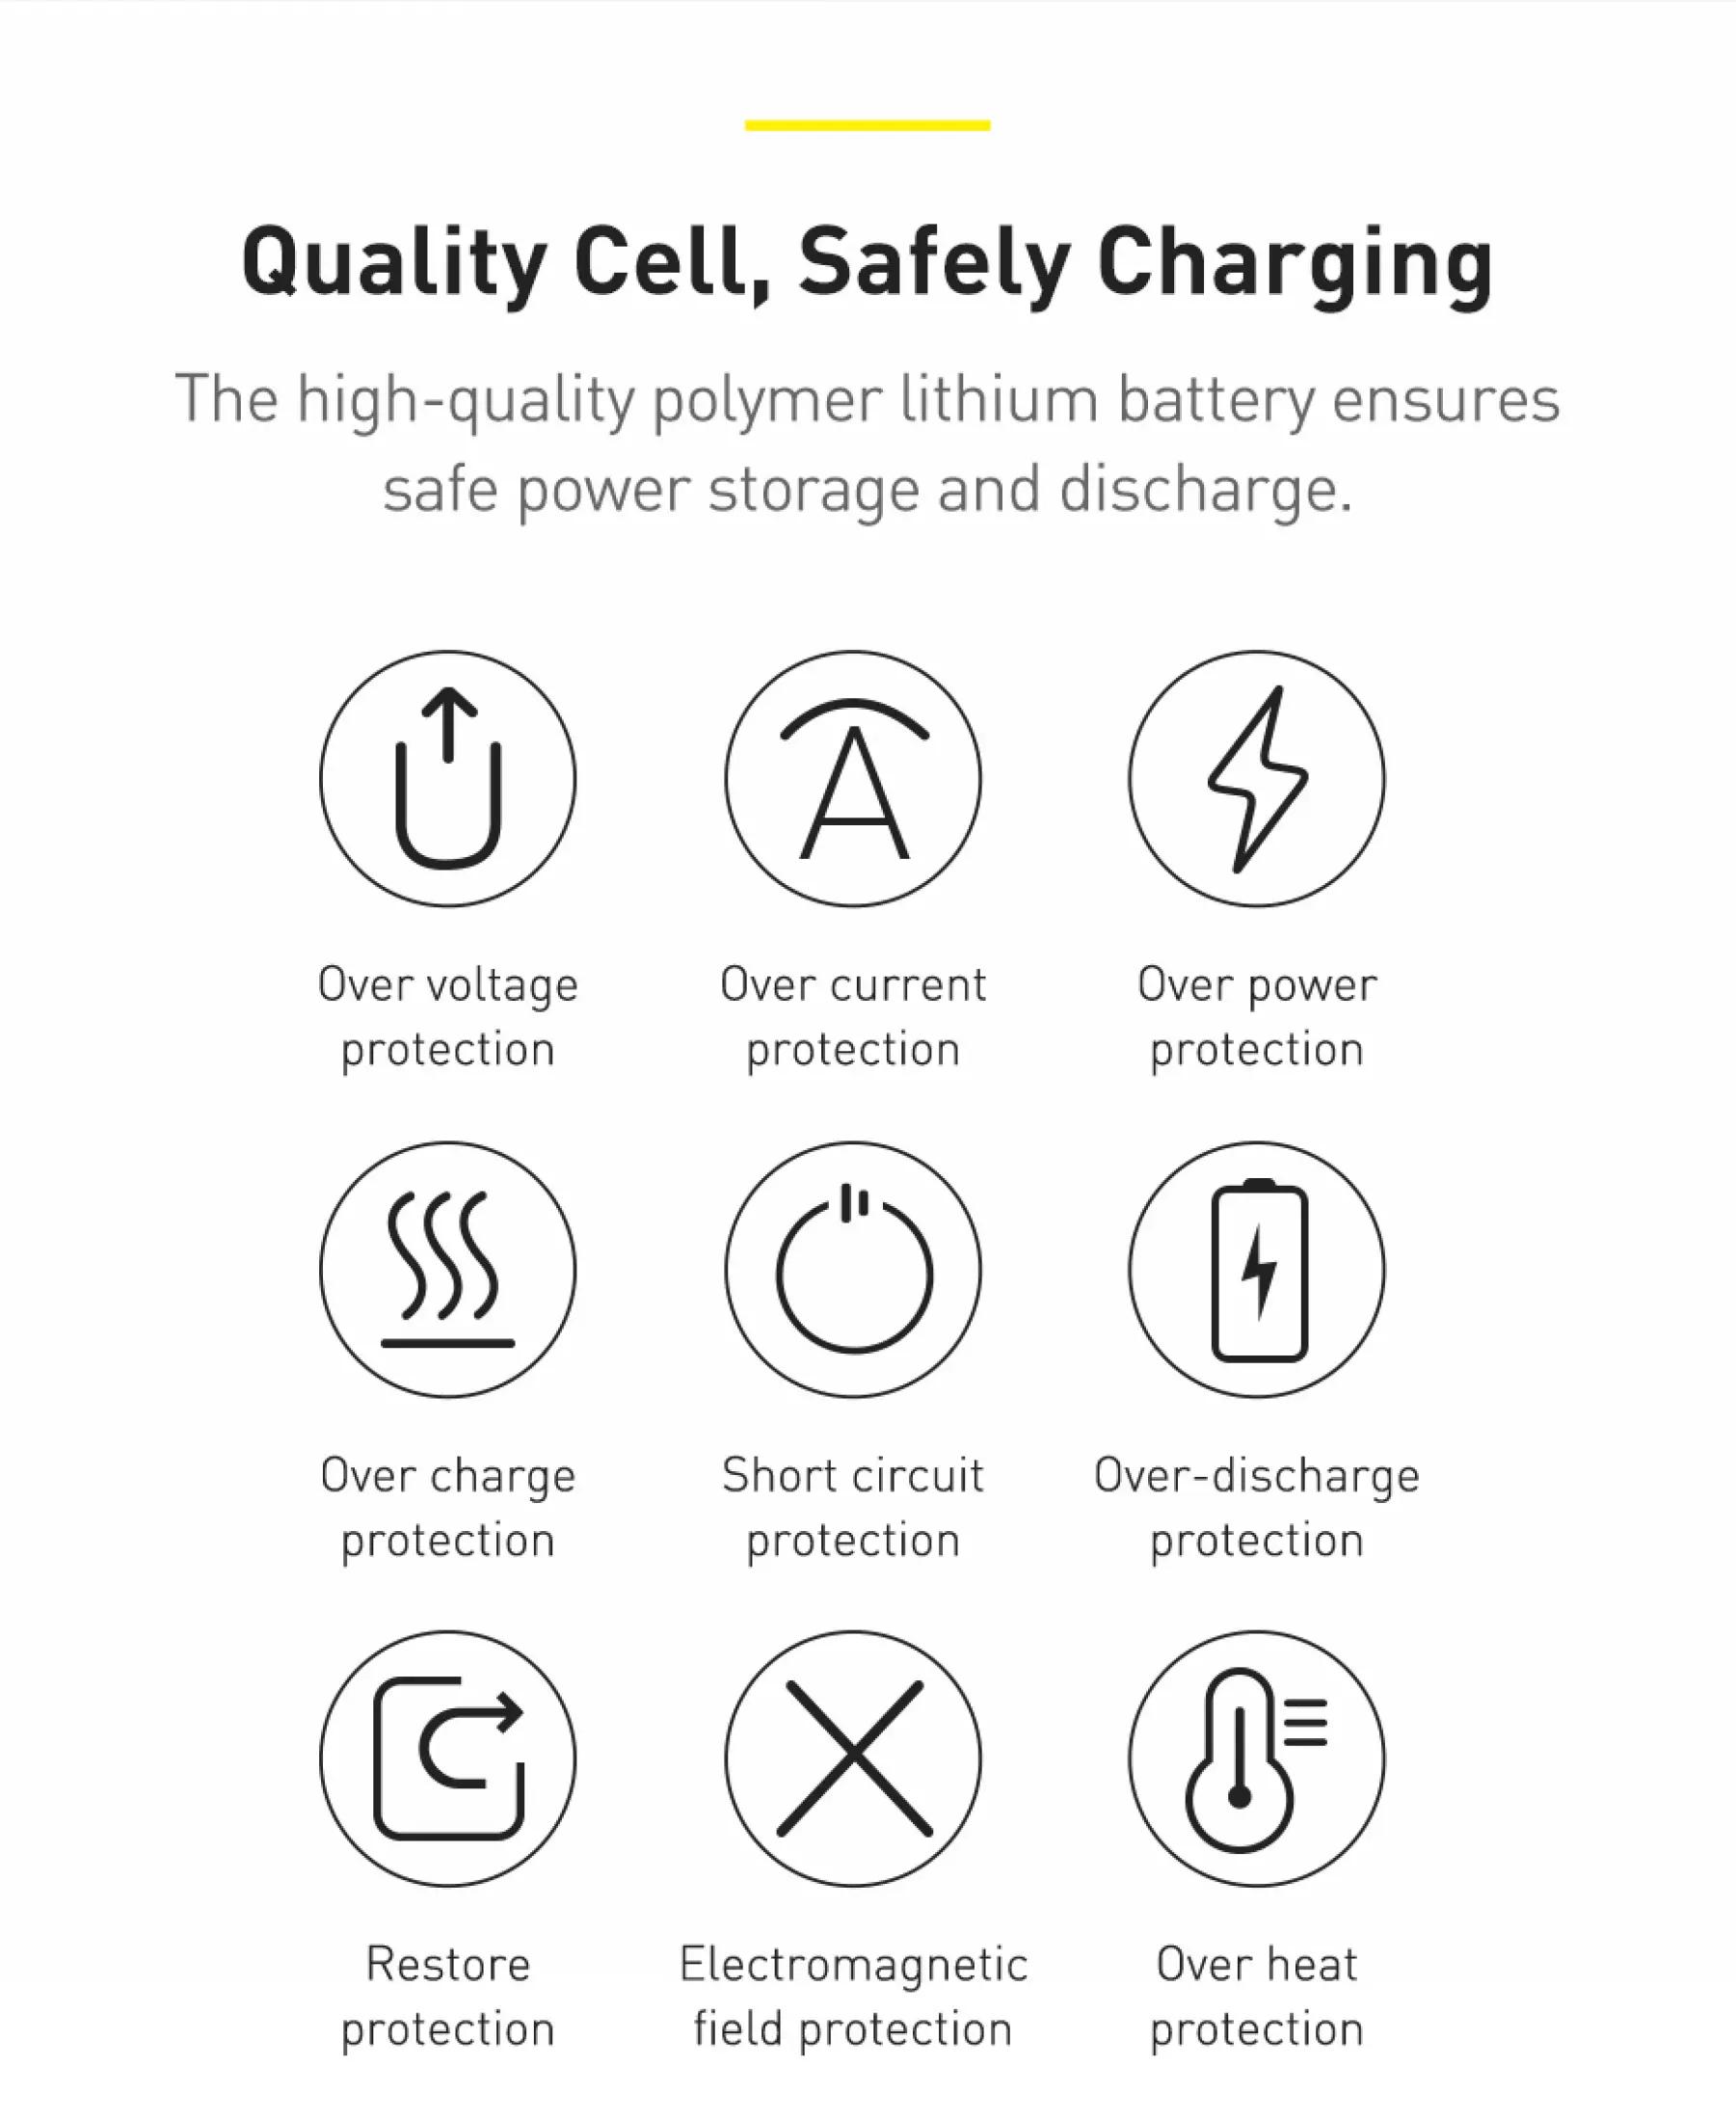 Pin sạc dự phòng Baseus dung lượng 10000mAh công suất 15W hoặc 20W, màn hình LED hiển thị, sạc nhanh QC, PD cho iPhone, Samsung, Xiaomi,....-Phân phối chính hãng tại Baseus Việt Nam 5